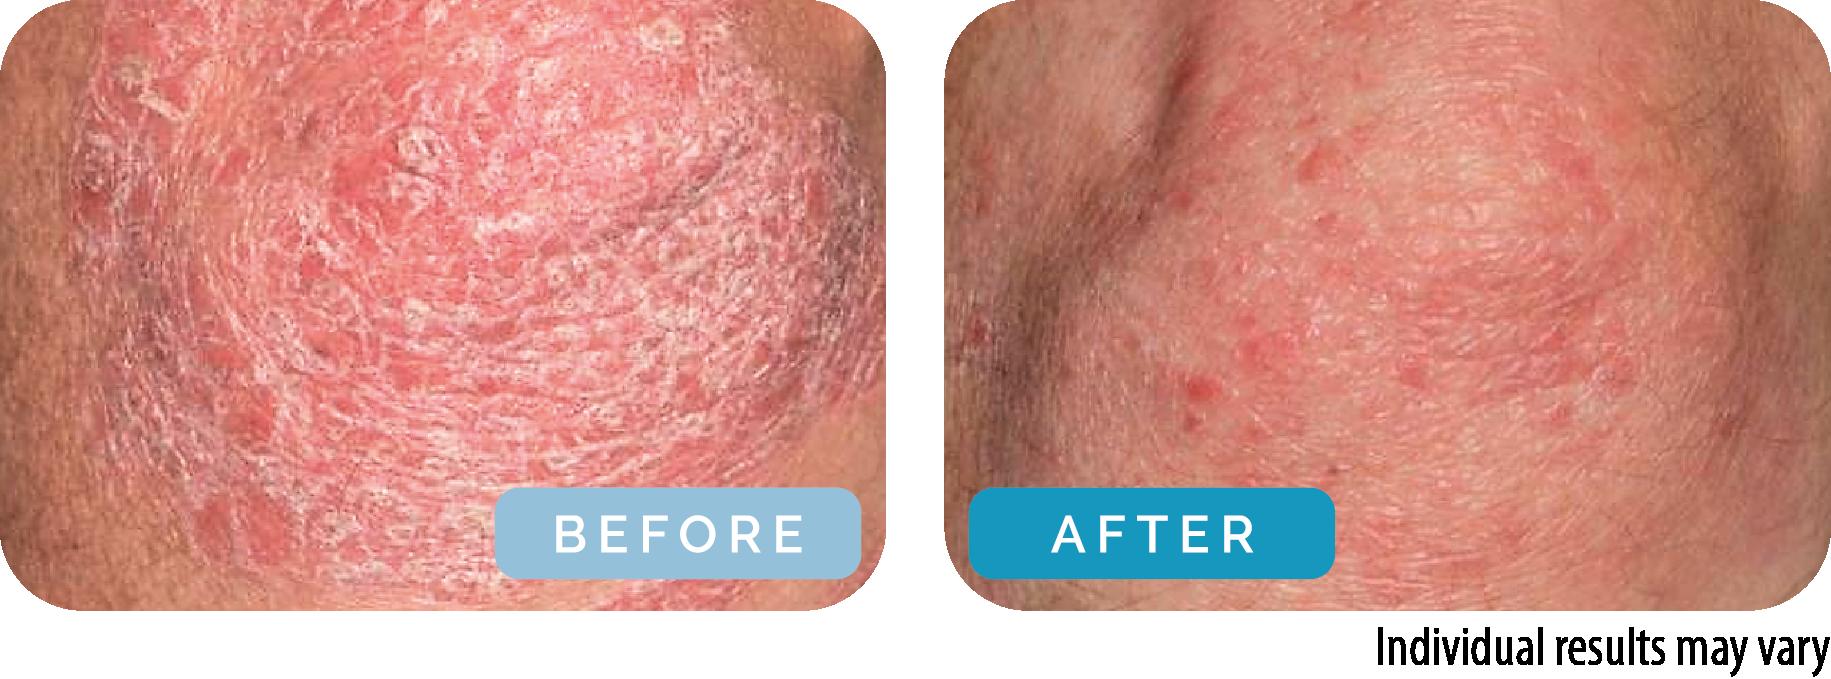 Kløe hud Tør hud